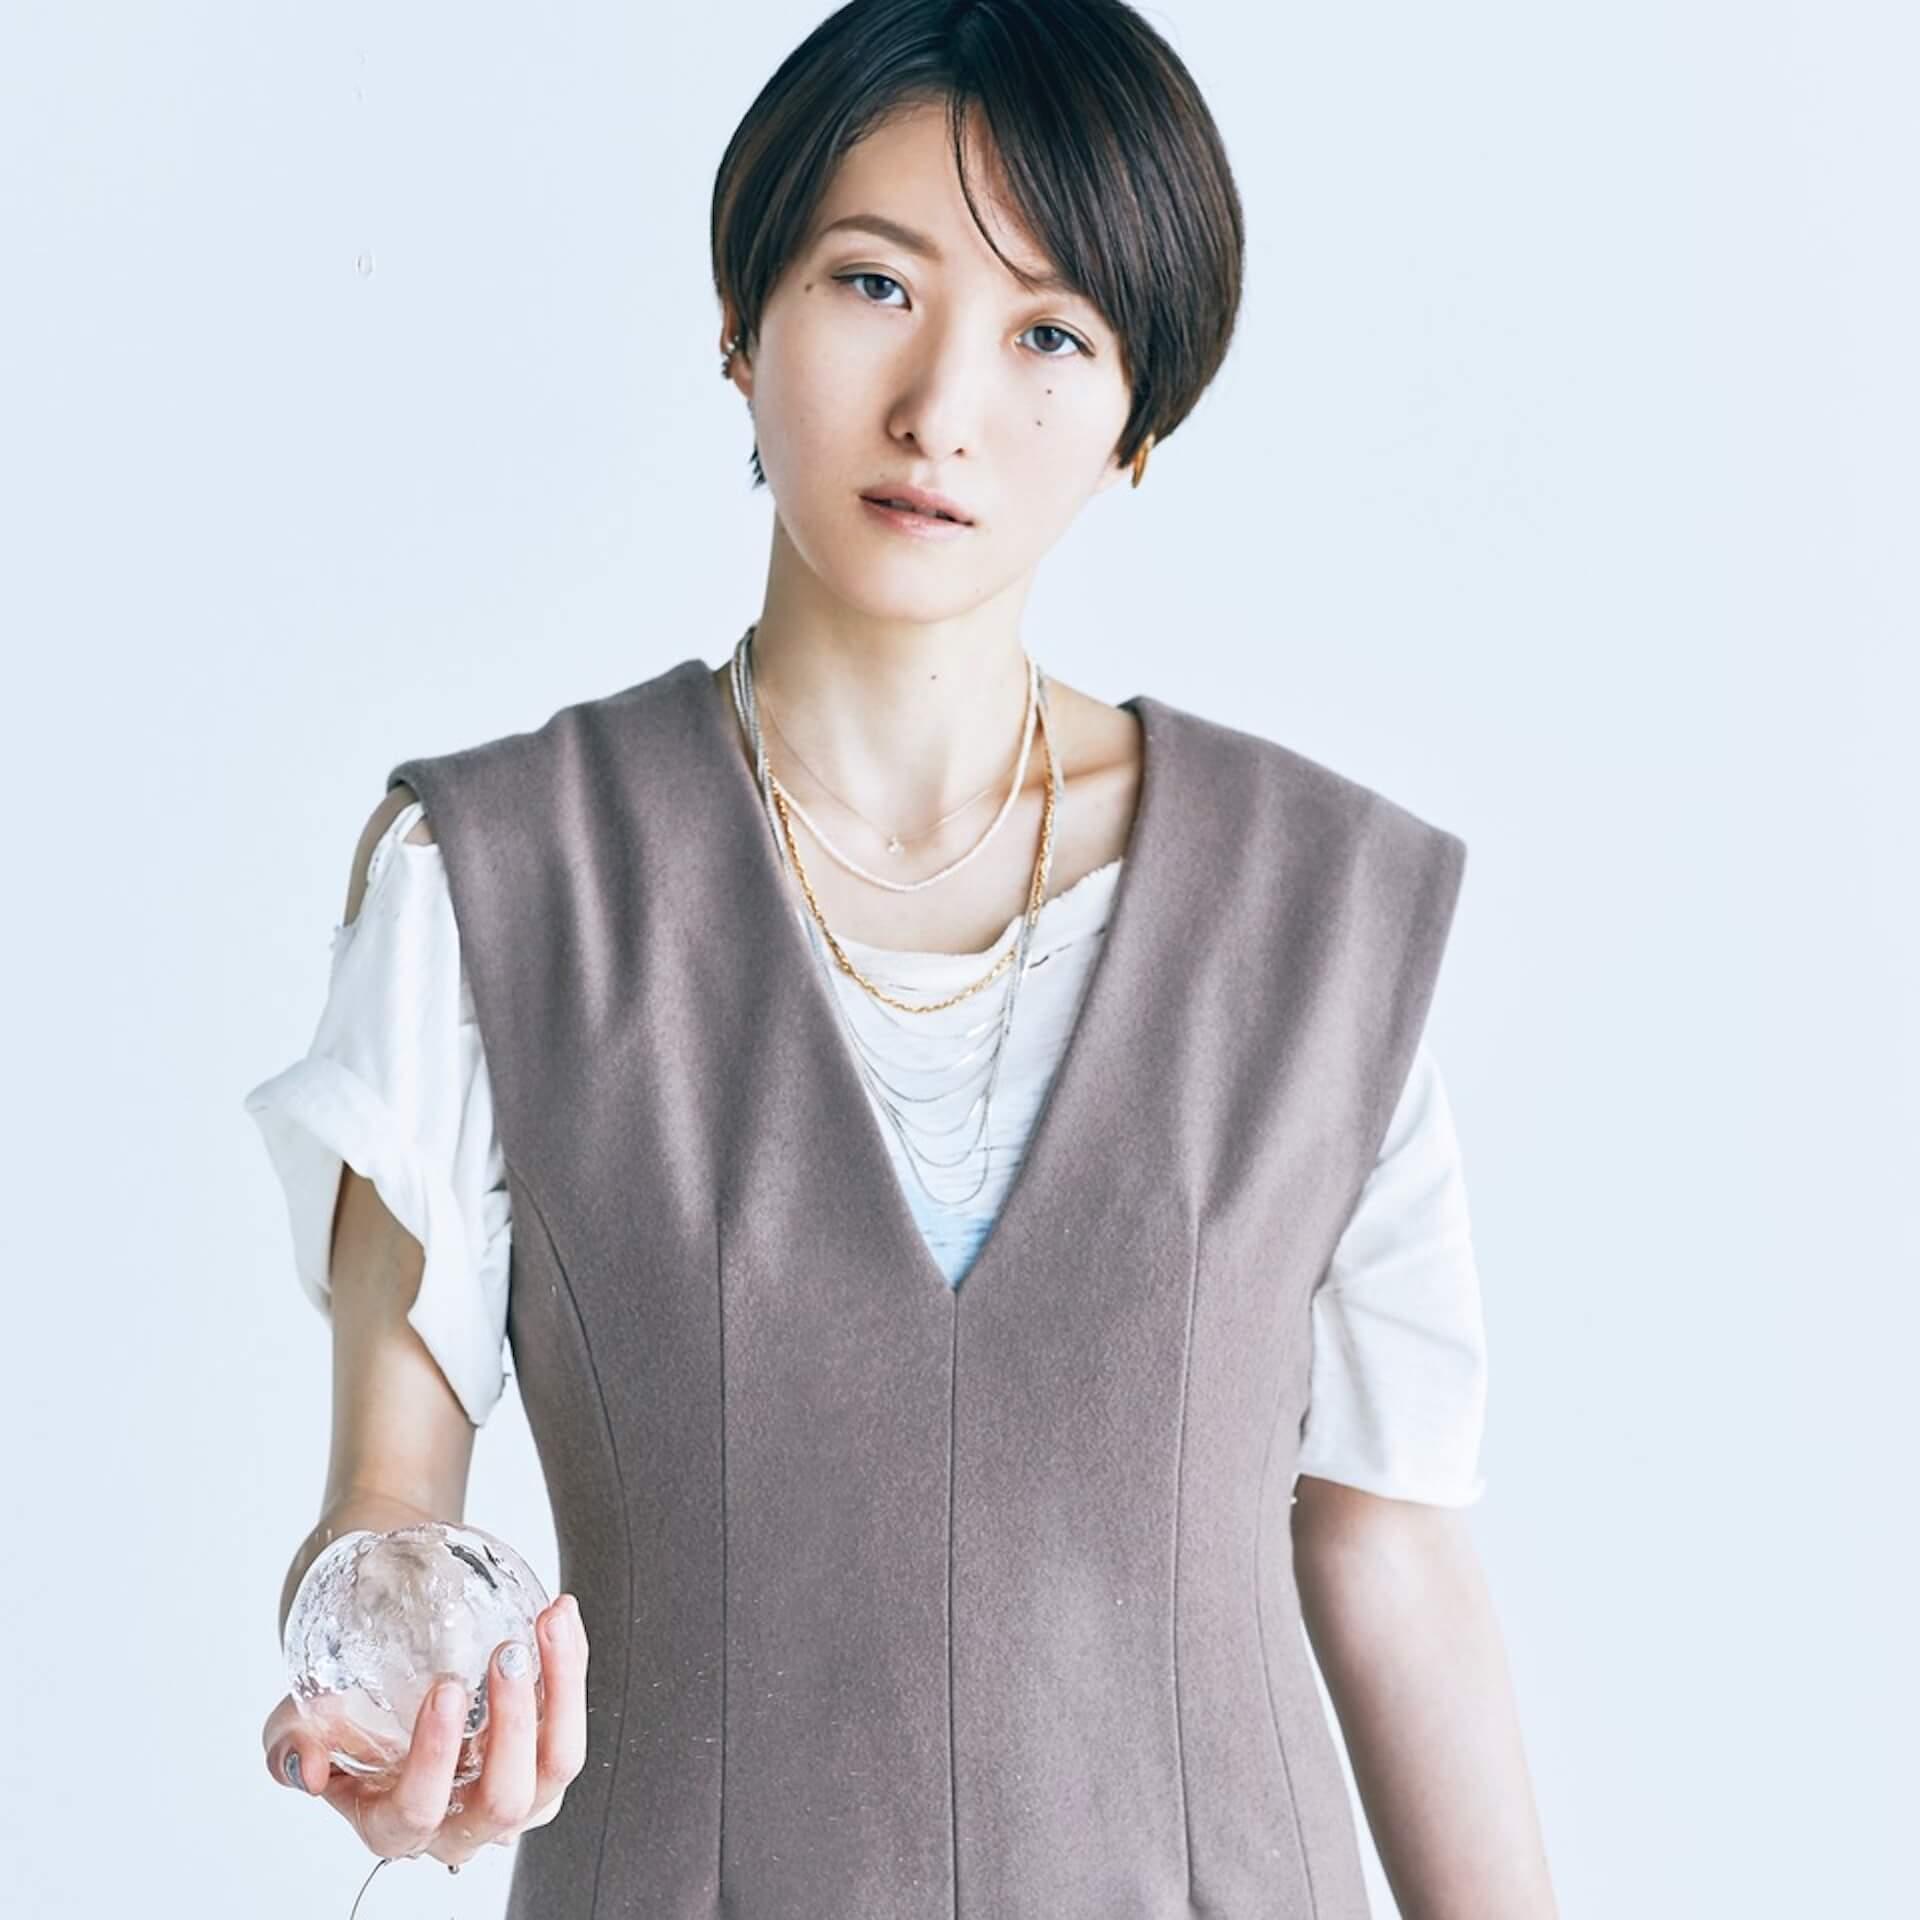 「また馬鹿な僕らで会おうぜ」━━日食なつこが1年4ヶ月ぶりの有観客ライブで魅せた<白亜>という新時代 interview210701_nisshoku-natsuko-nbuna-01